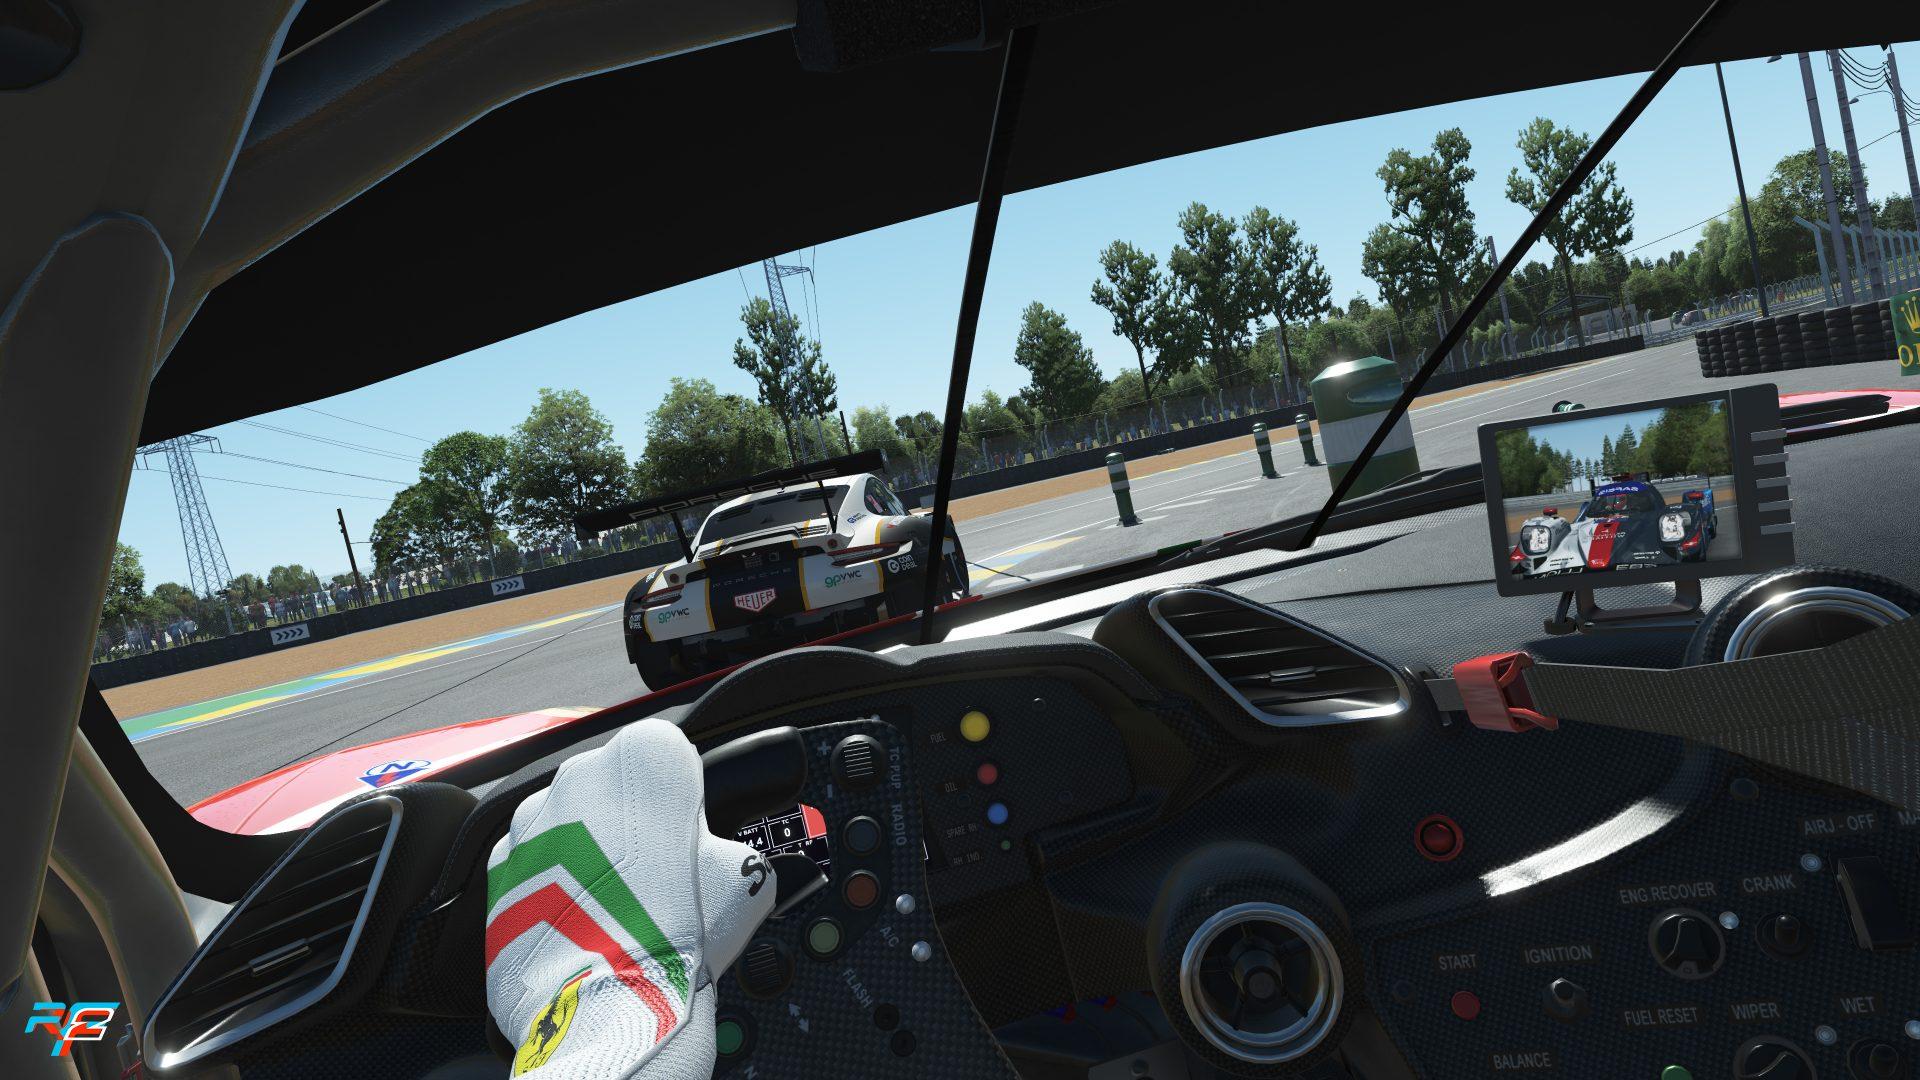 2020_Le_Mans_Virtual_07-1920x1080.jpg